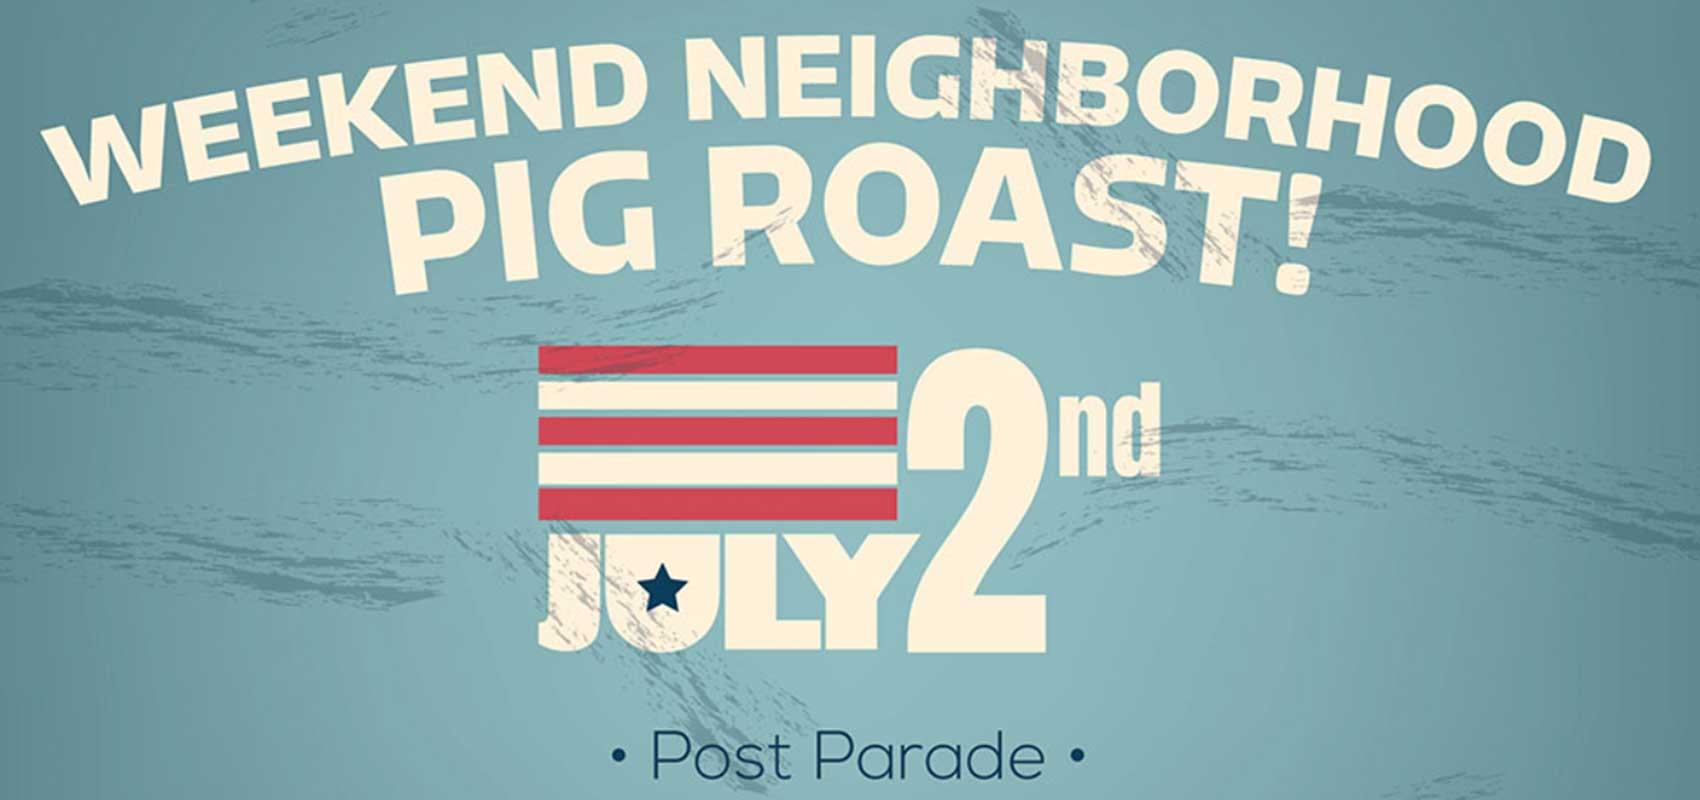 Neighborhood Pig Roast Image